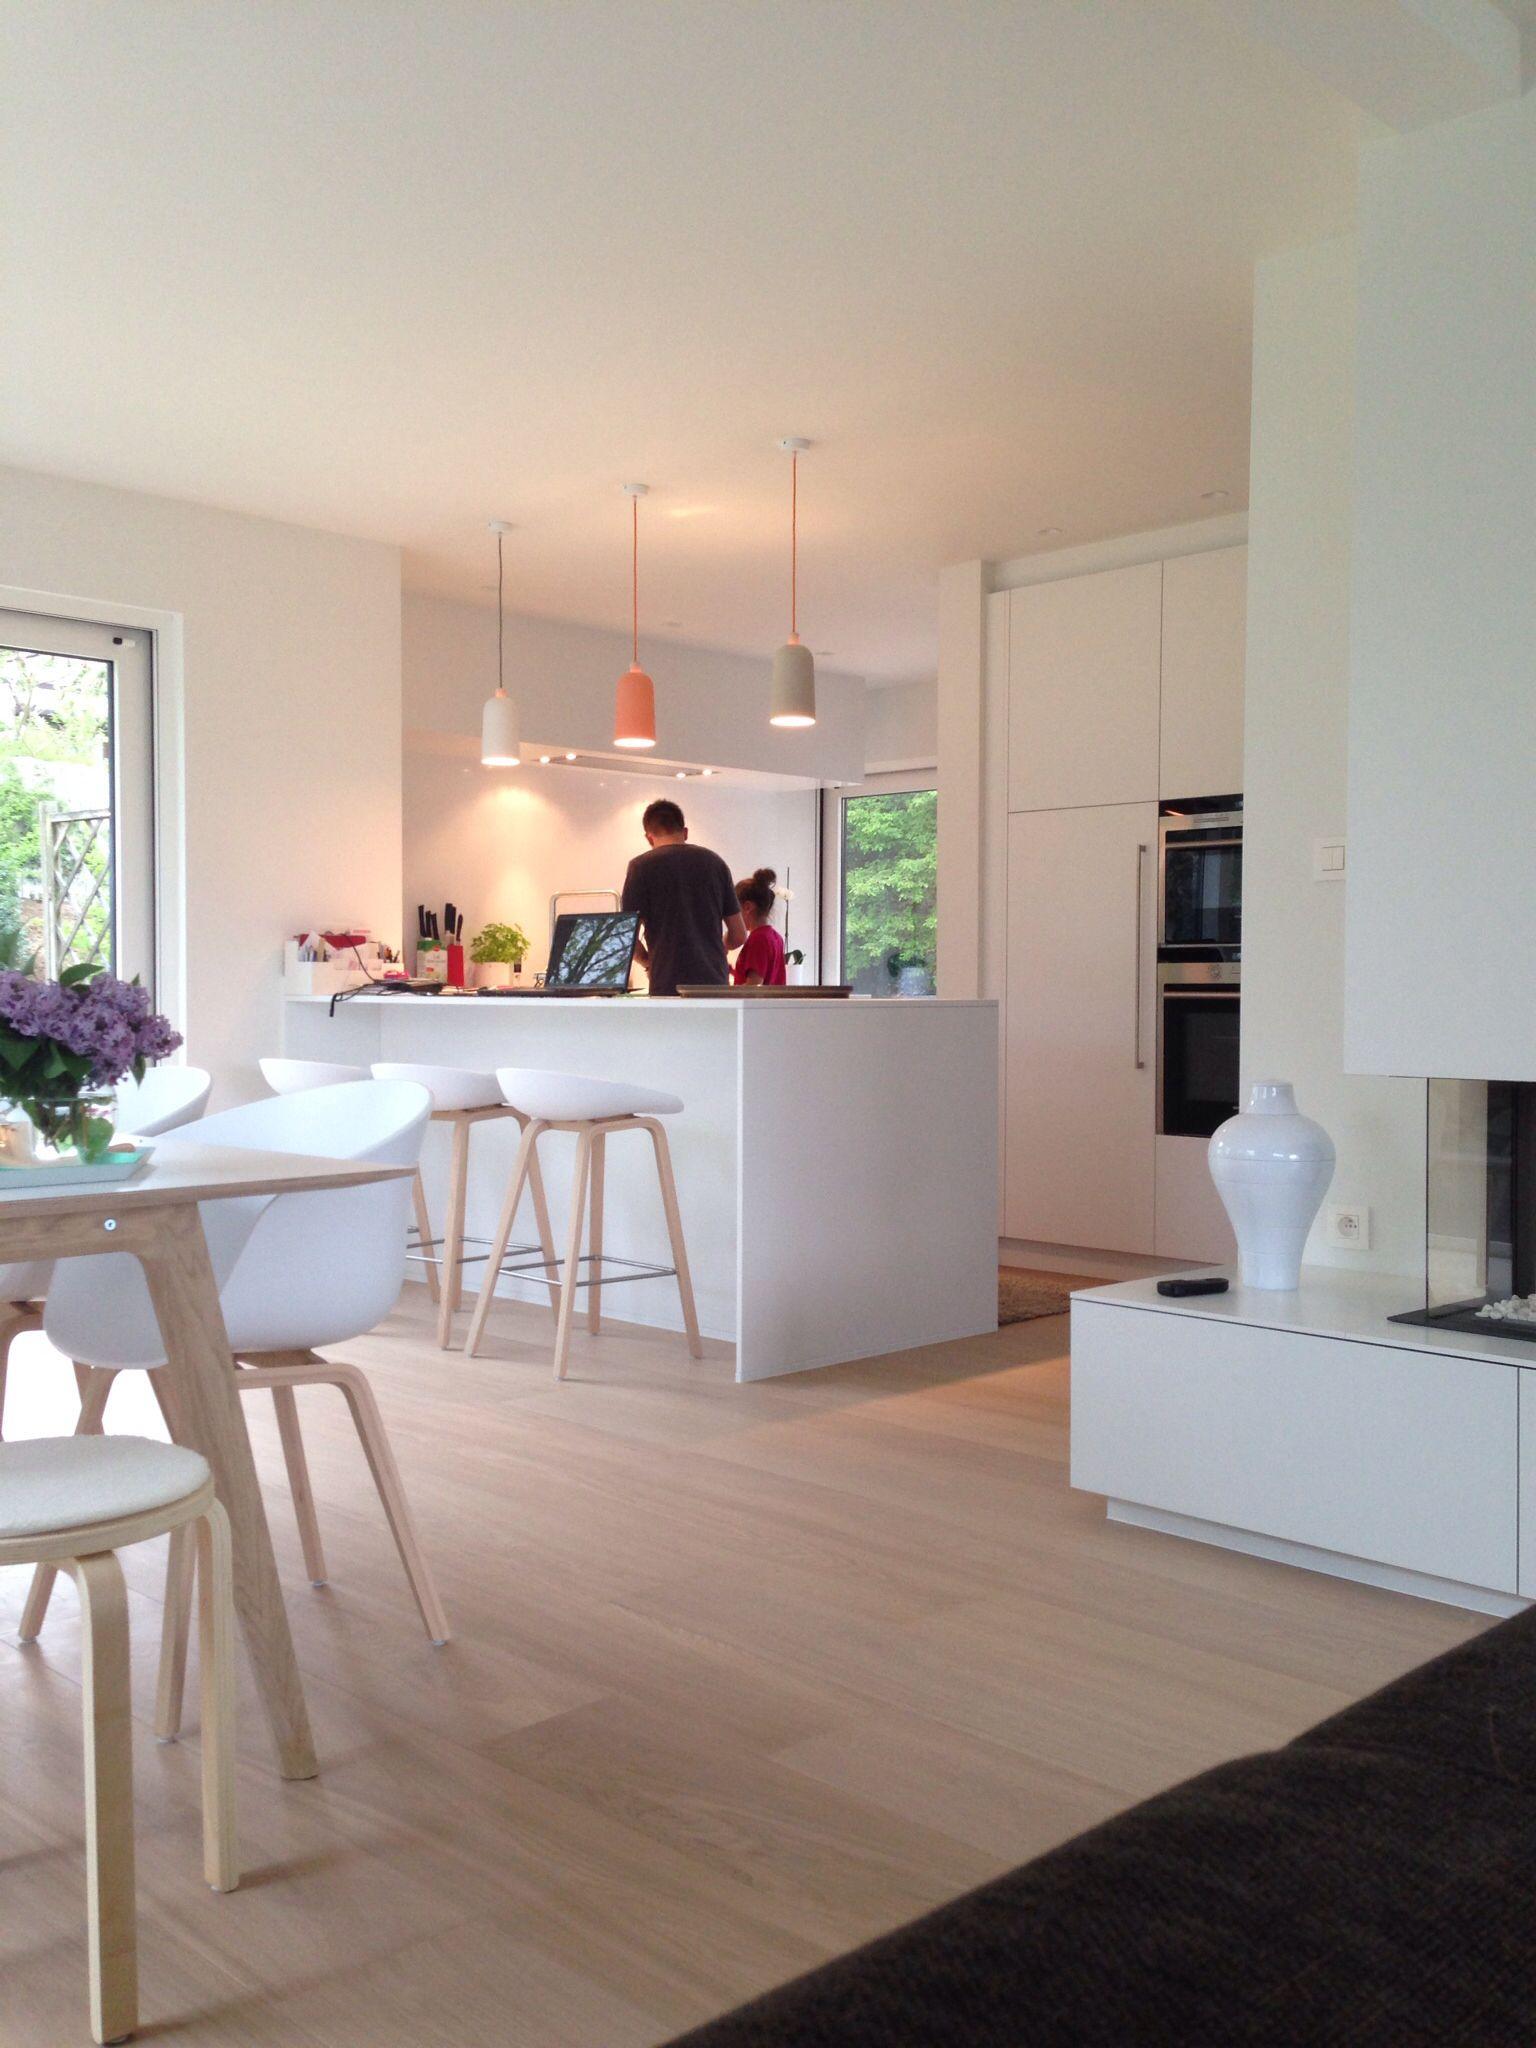 Abtrennung Küche inkl Lampen Zuhause Pinterest Cuisines, Bar cuisine et Cuisiner